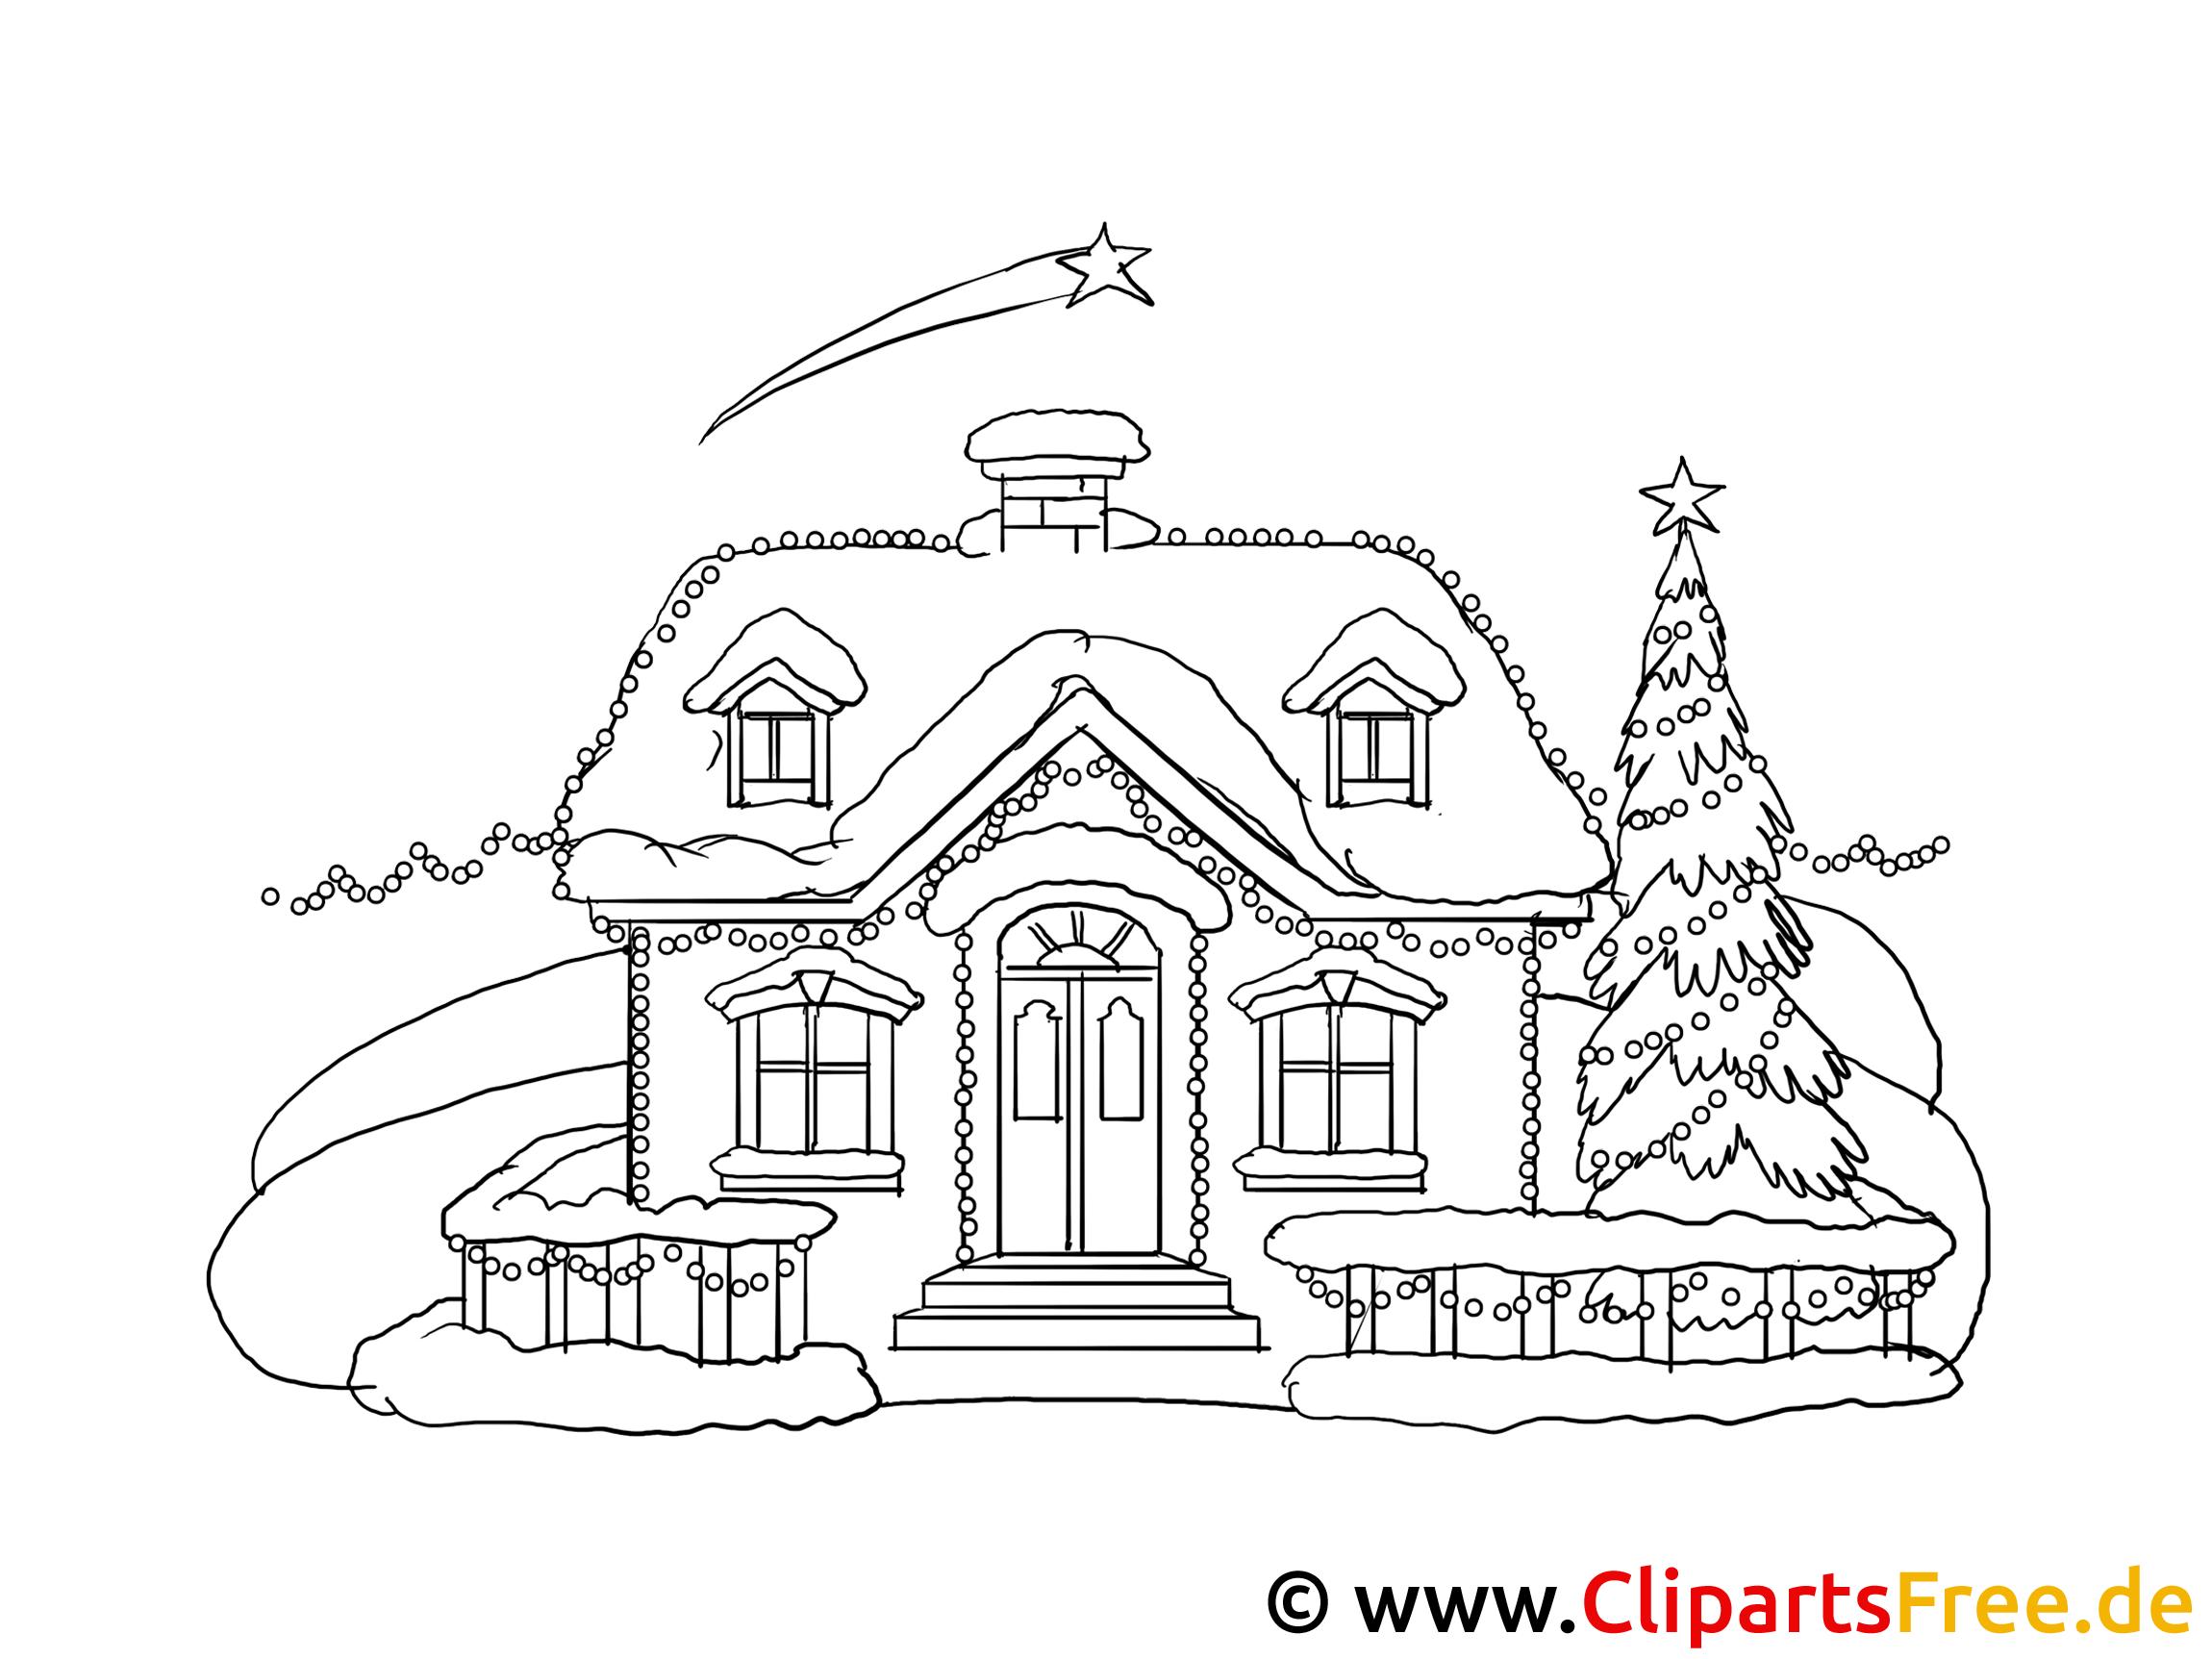 Malvorlagen Weihnachten Häuser | My blog